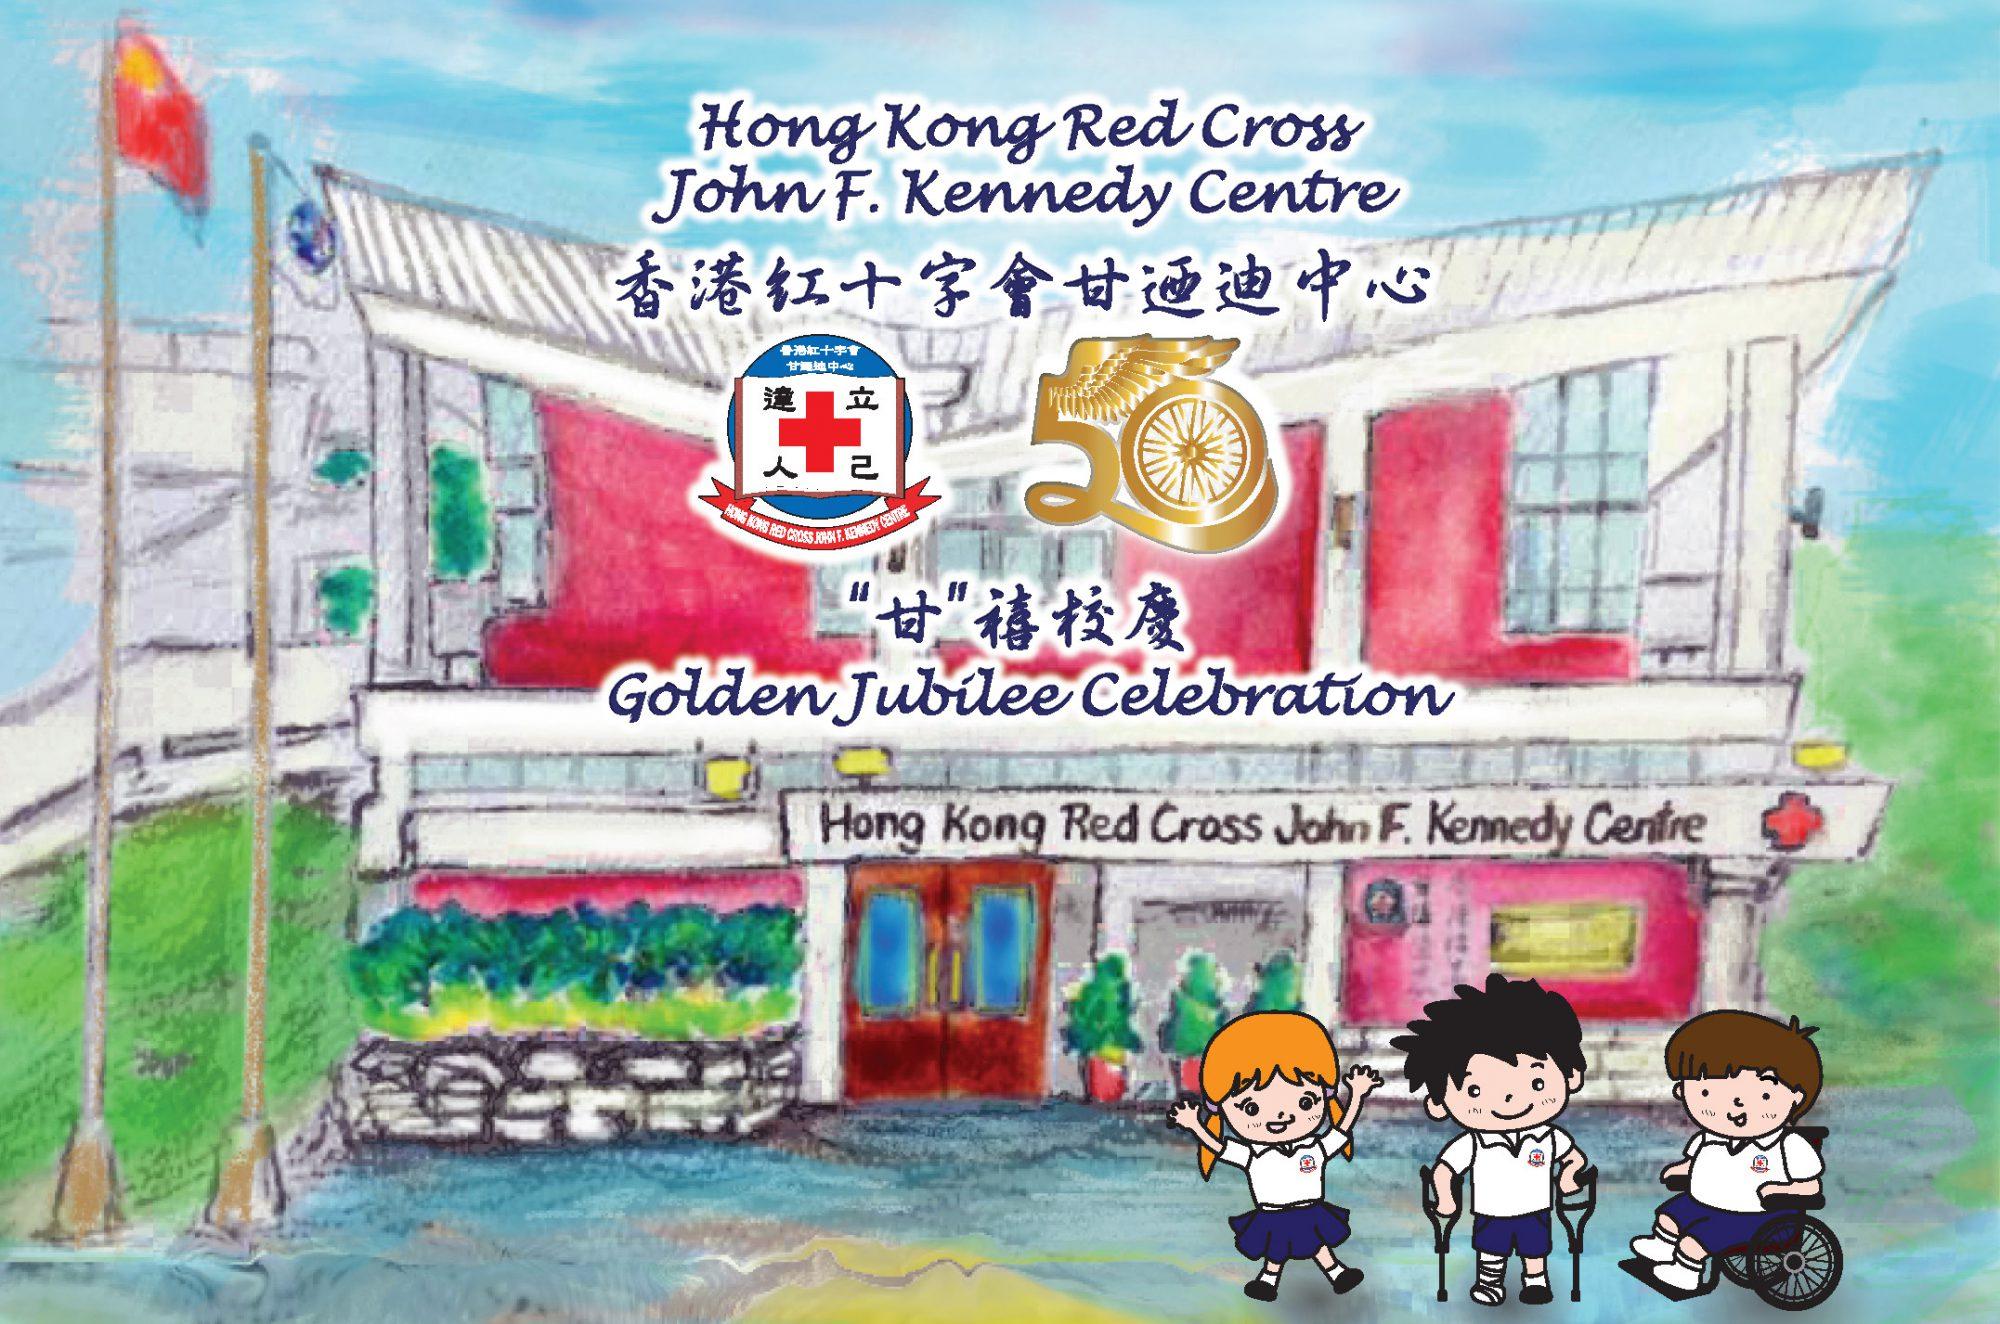 香港紅十字會甘迺迪中心